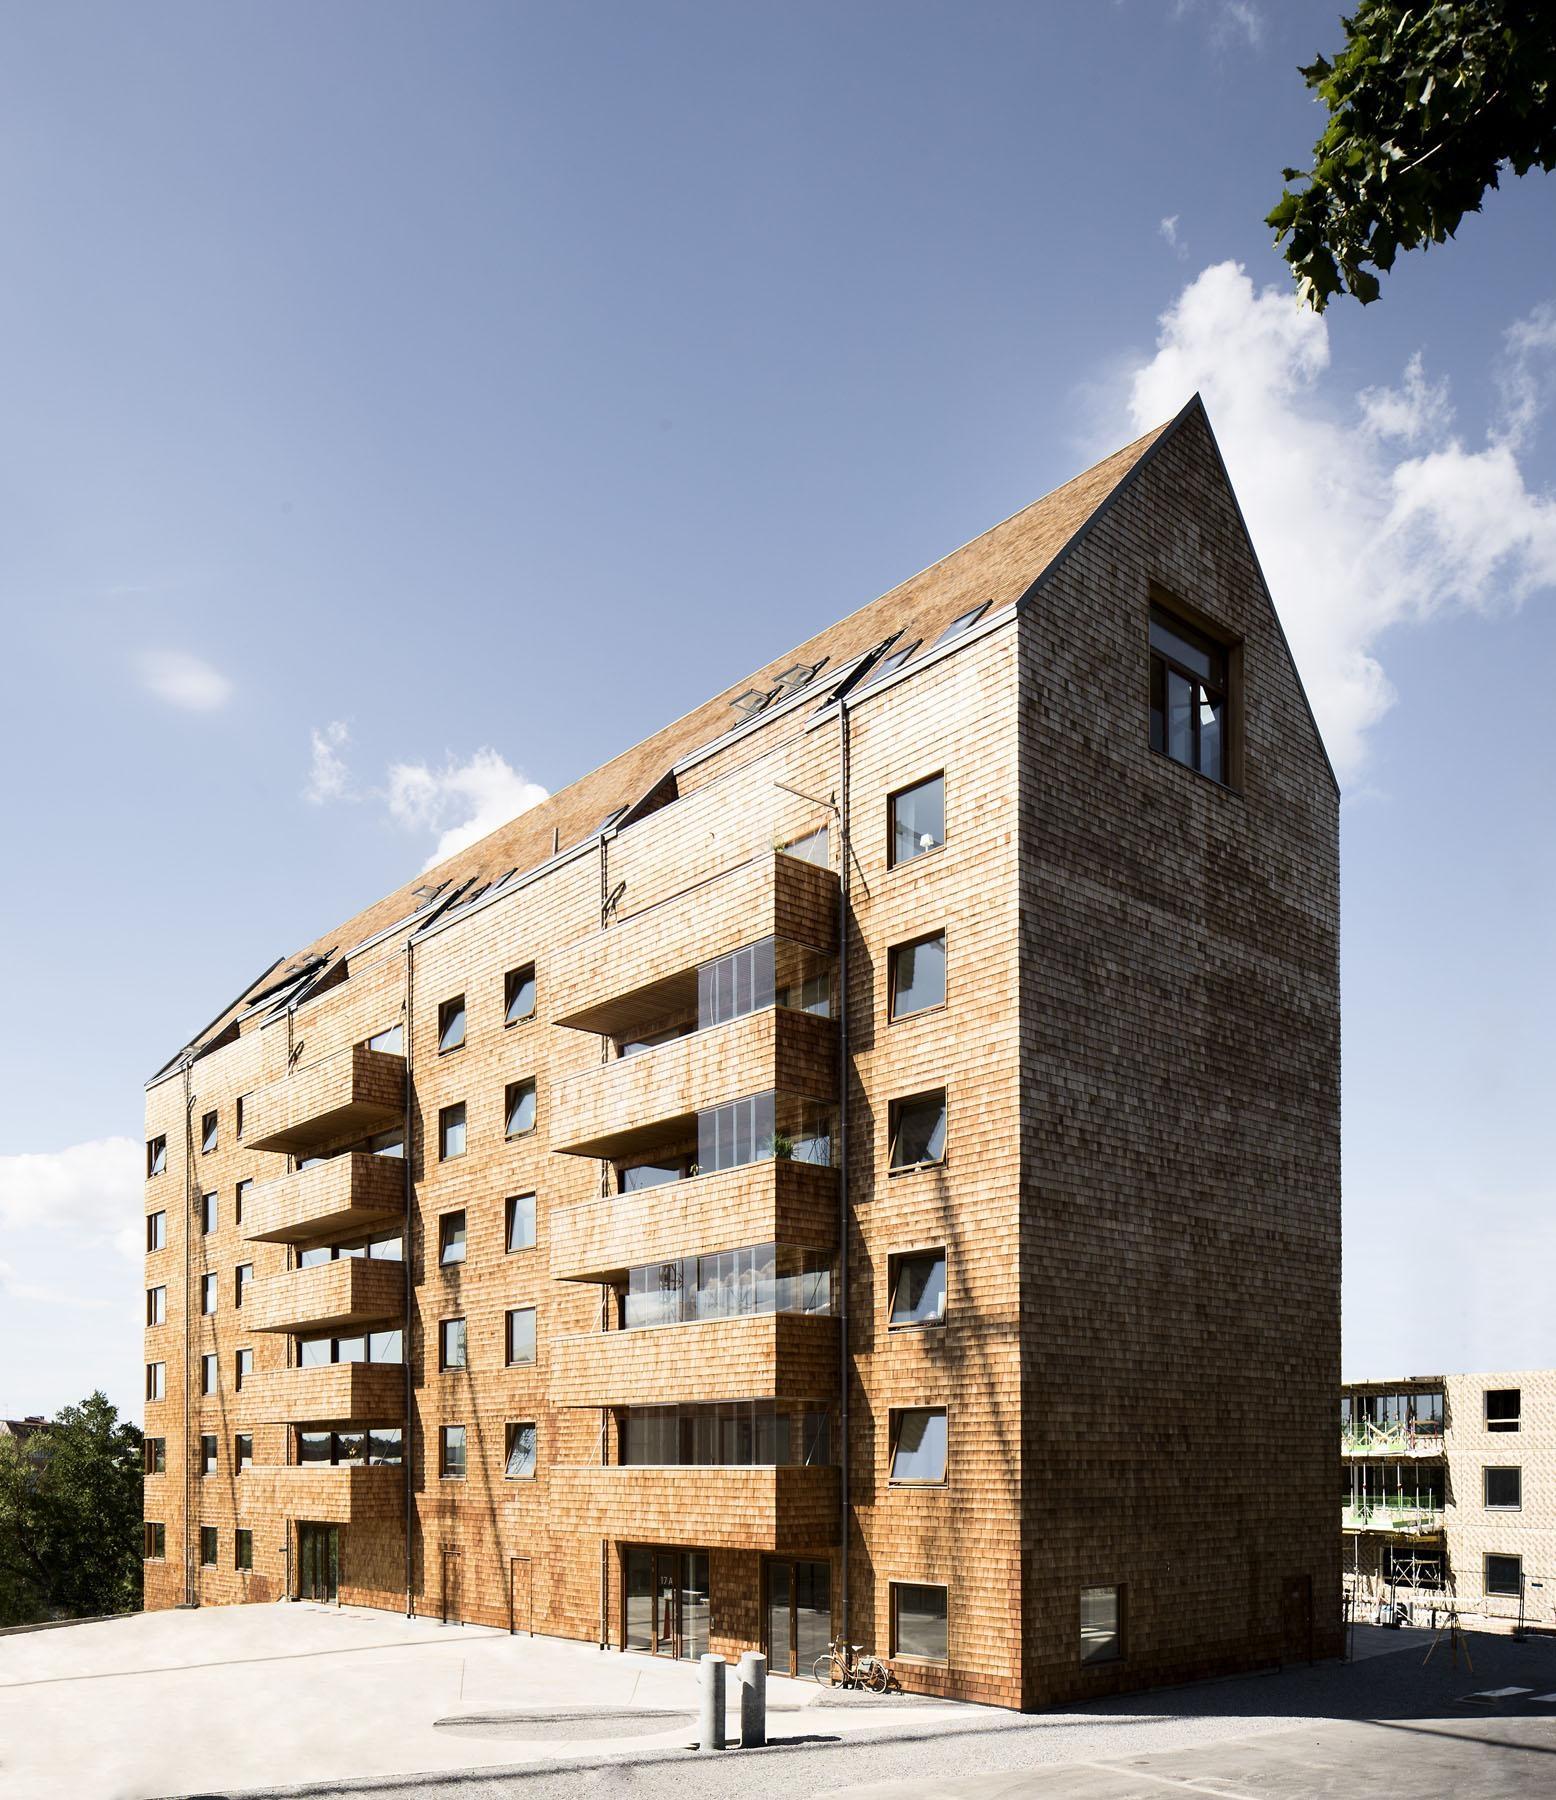 Пример использования дерева в экстерьере многоэтажных жилых домов получает широкое распространение в зарубежной архитектурно-строительной практике